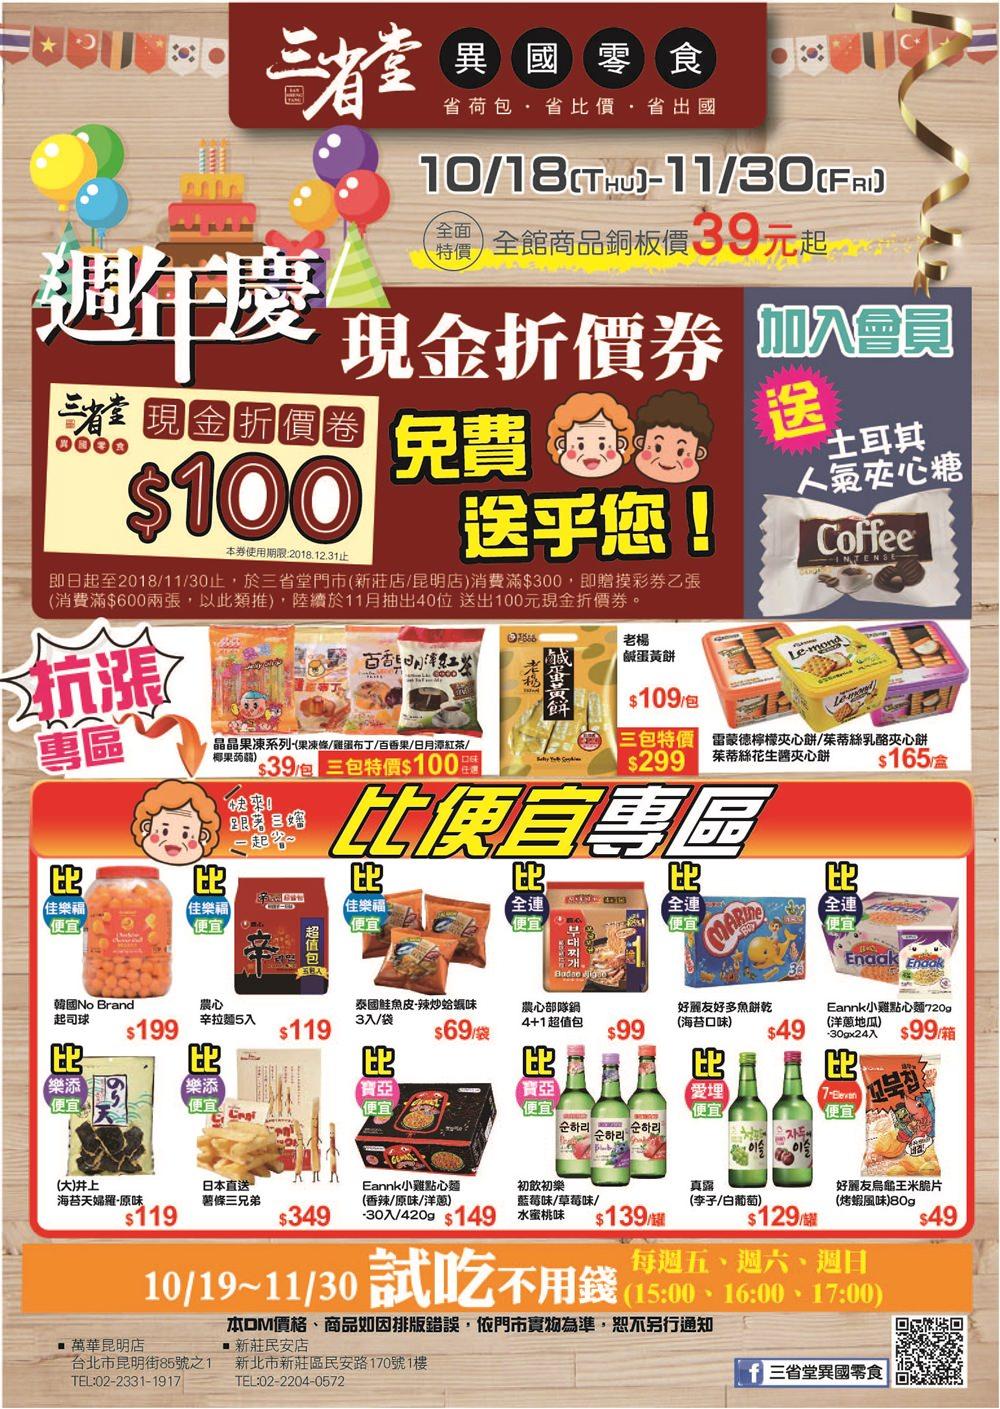 20181019092546 24 - 熱血採訪[新莊 三省堂異國零食]免出國就可以買到超夯的日韓泰國泡麵零食 超好買超好逛